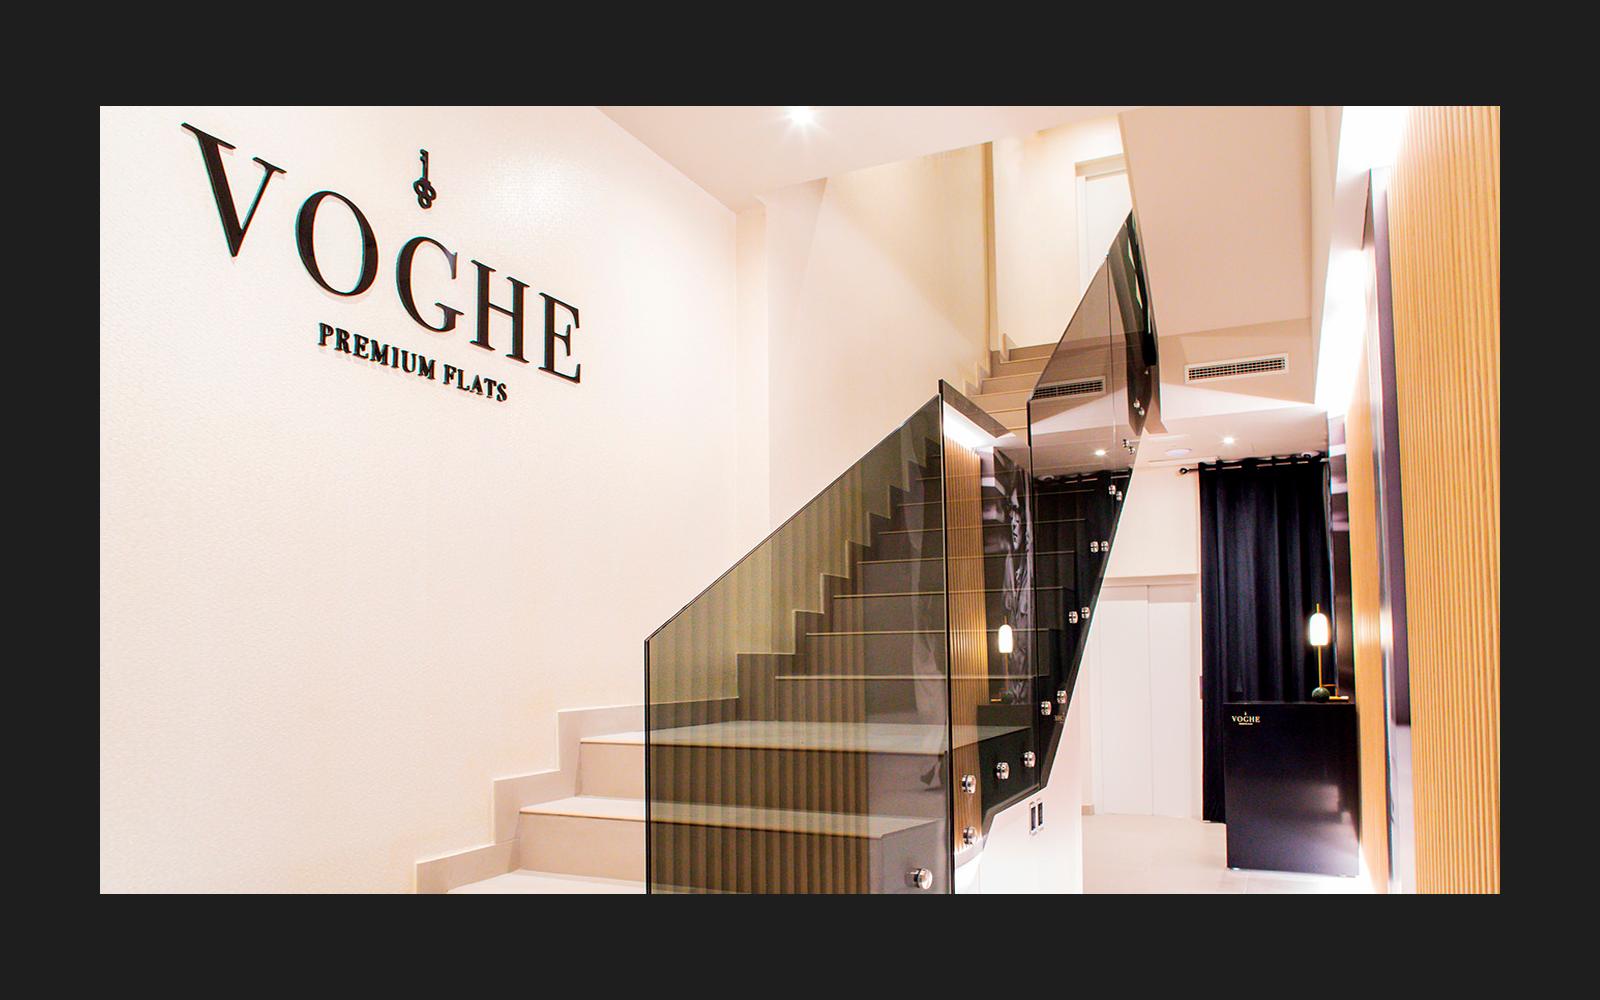 Apartahotel Premium situado en pleno centro de Valencia de 18 apartamentos.